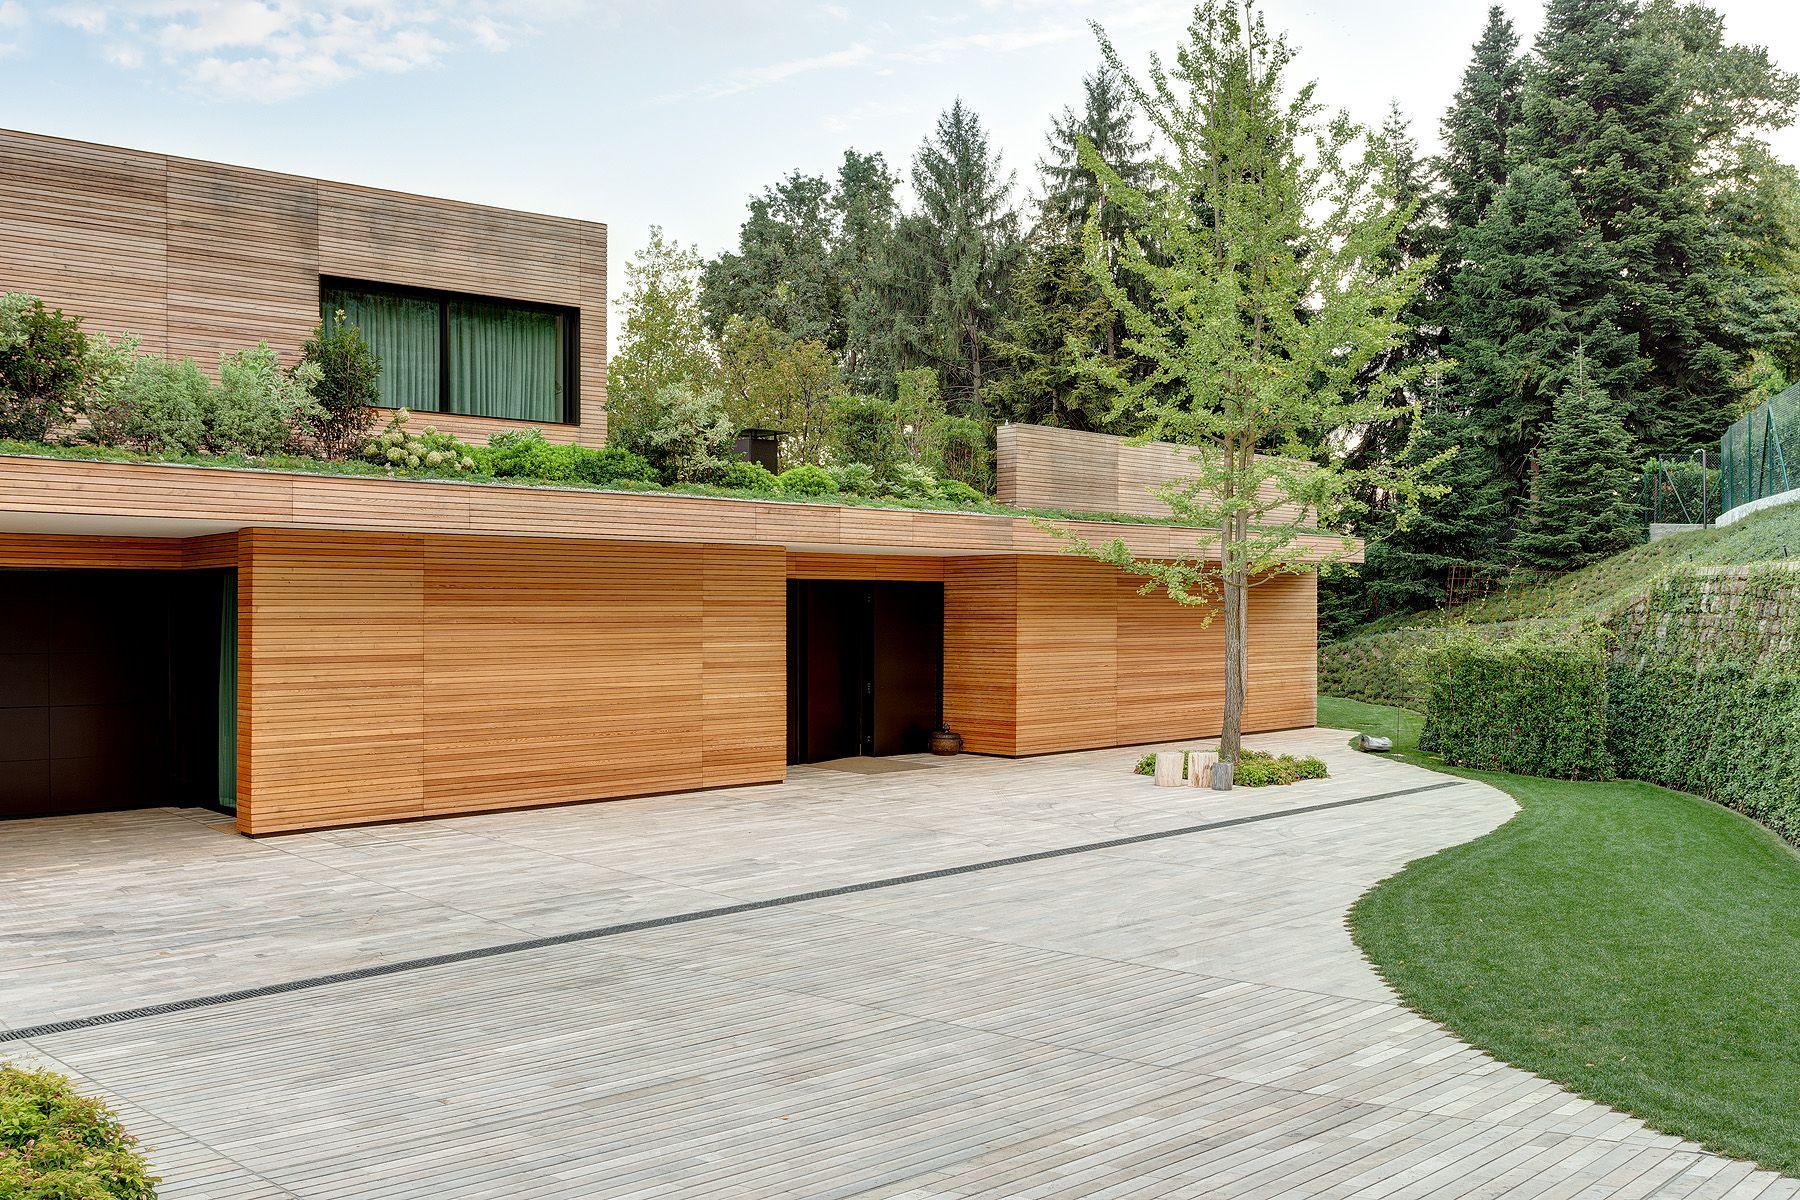 Rivestimento Esterno In Legno Per Case : Villa in legno e casa di design casa prefabbricata in legno di